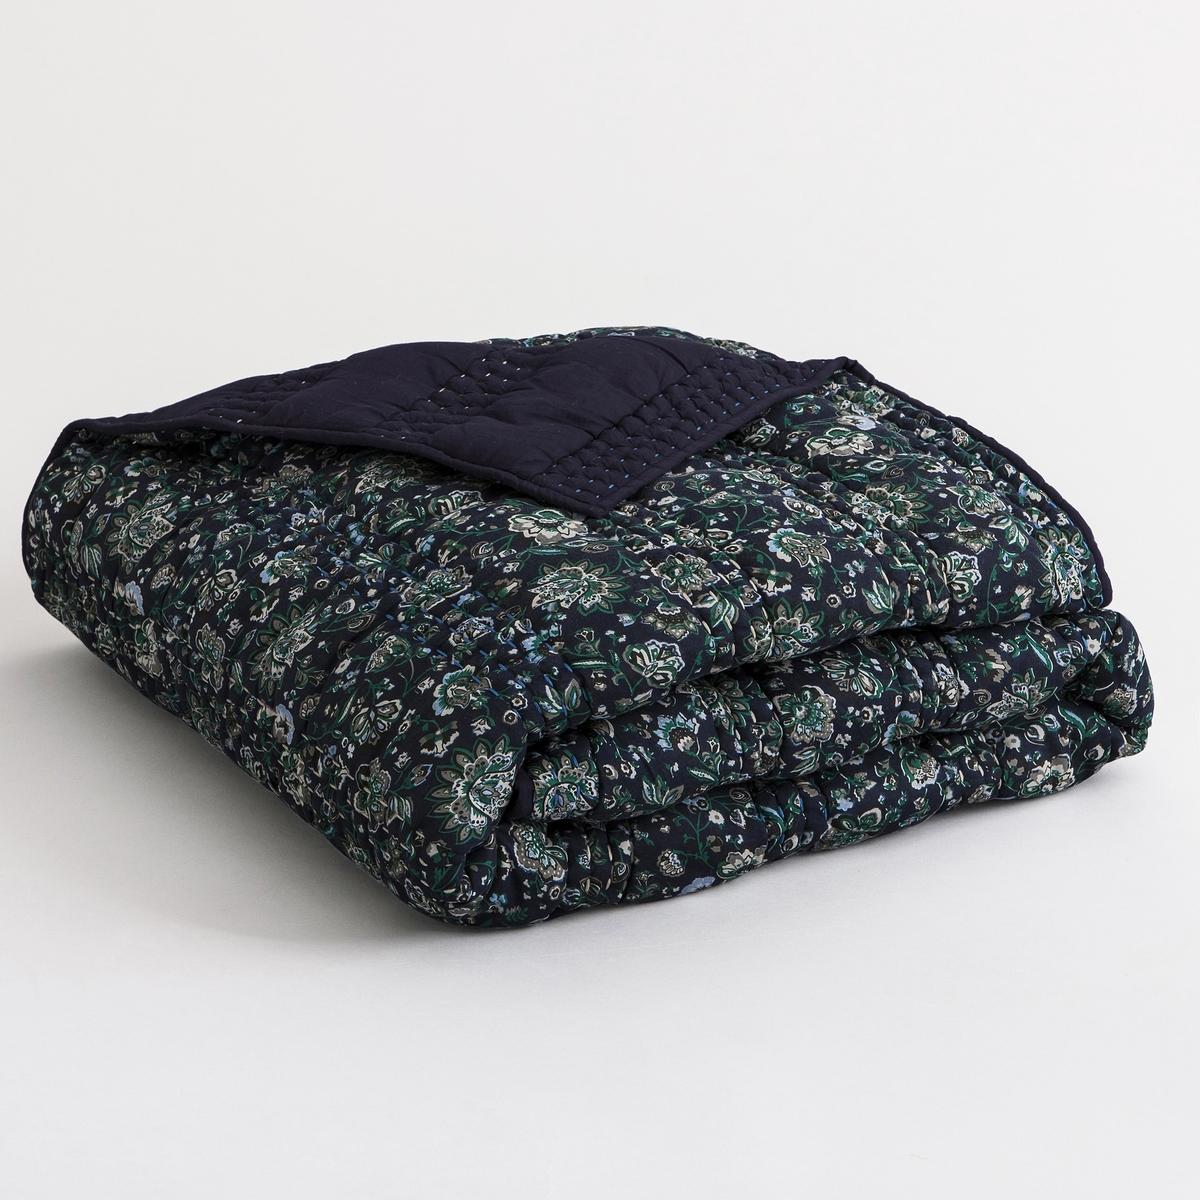 Покрывало стеганое из хлопковой вуали CornalineМатериал : - Хлопковая вуаль, исключительный, невероятно мягкий, нежный и воздушный материал. - Наполнитель 100% полиэстер.Уход : - Стирка при 30°<br><br>Цвет: темно-синий<br>Размер: 230 x 250  см